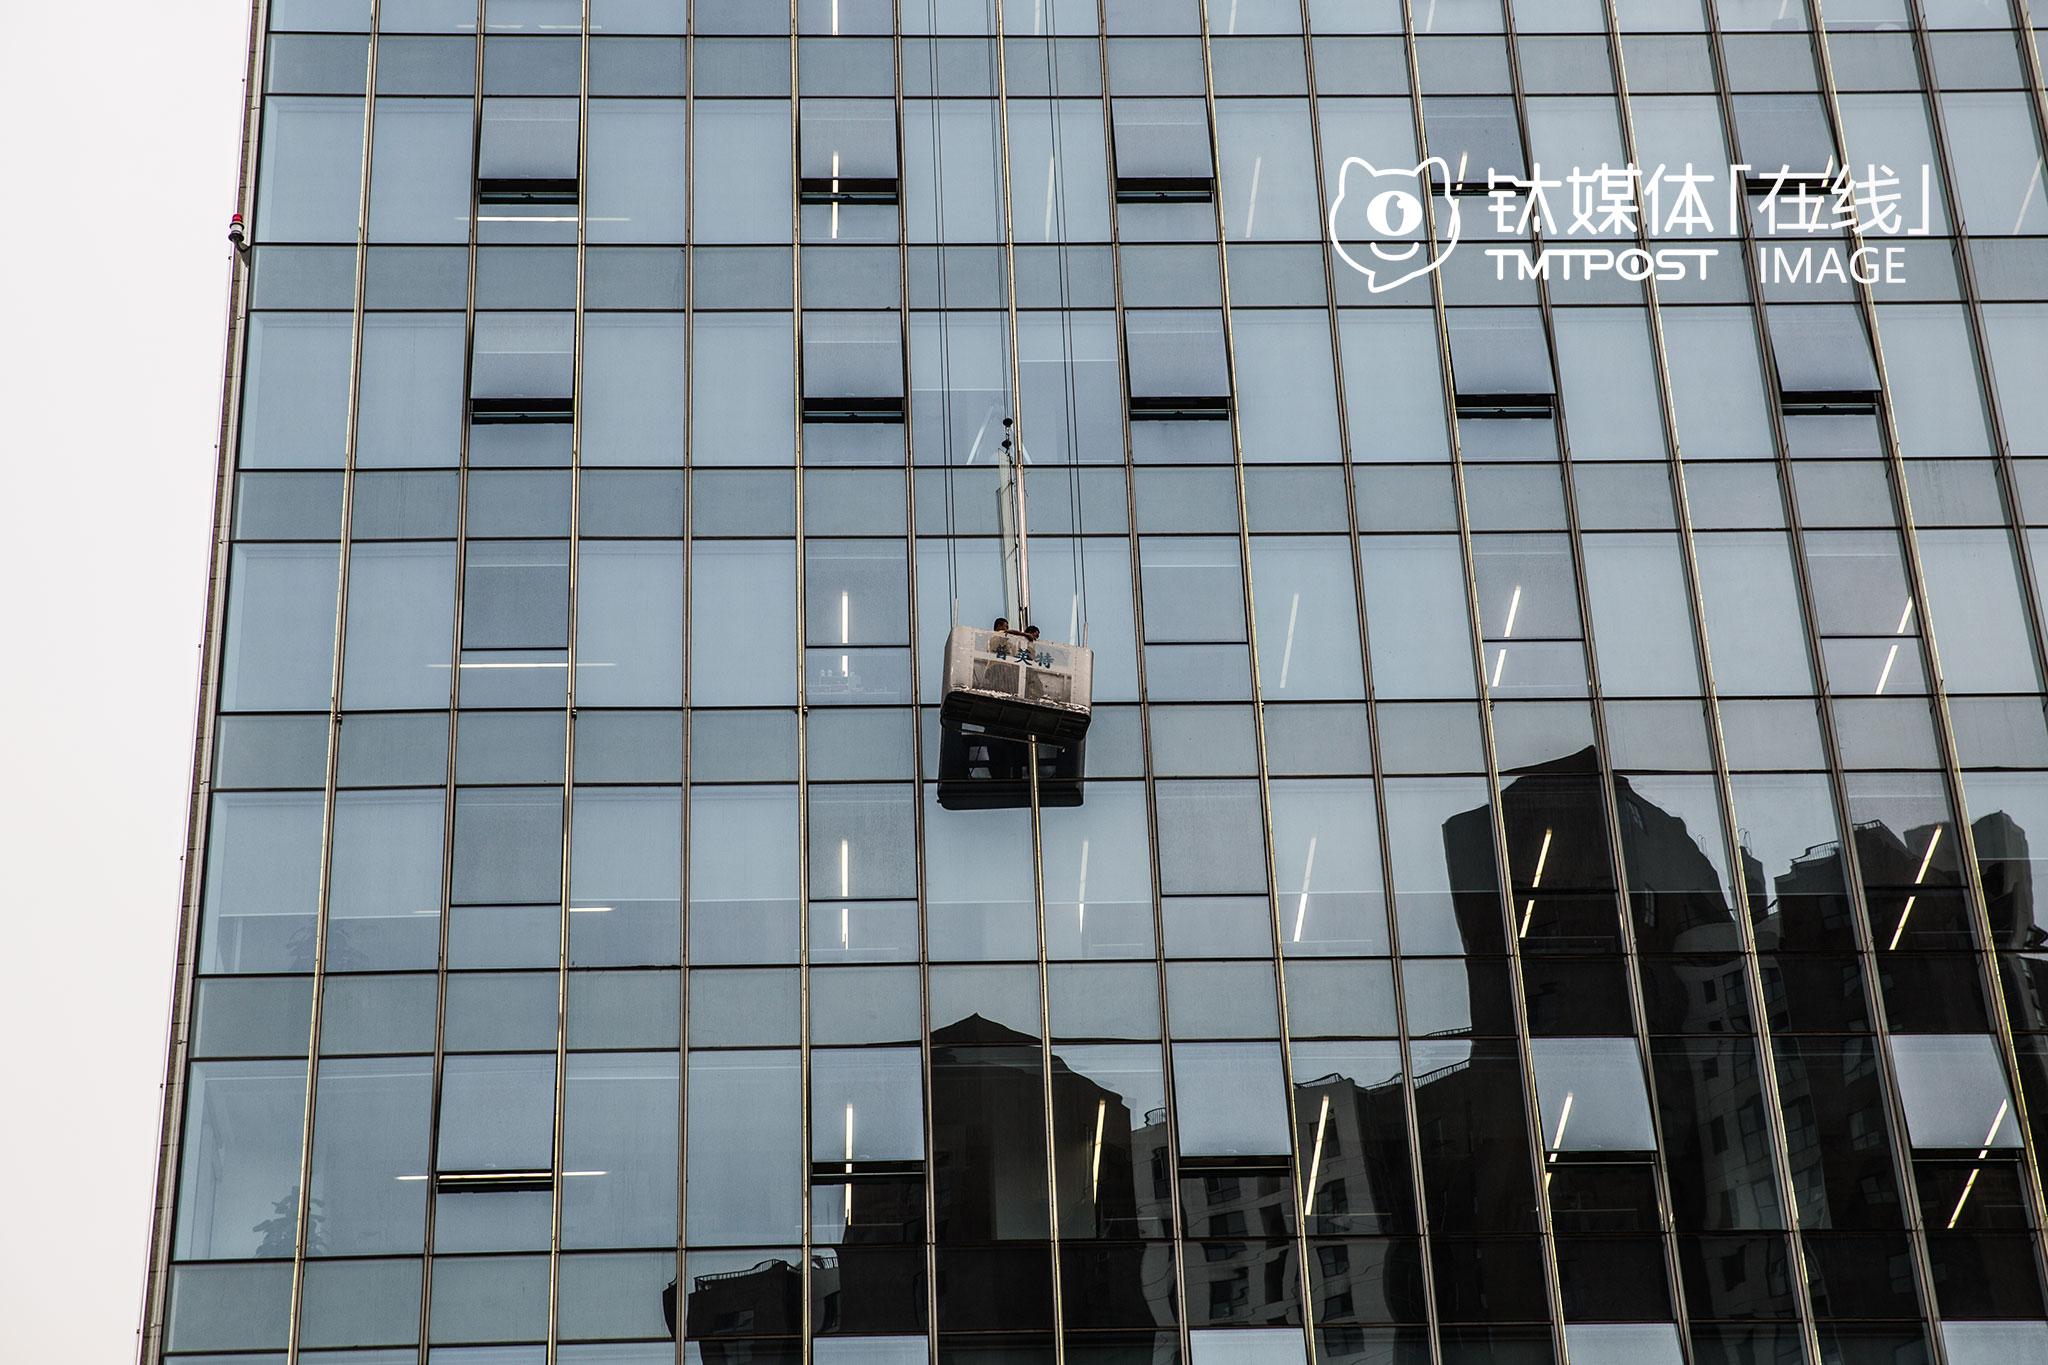 2016年7月14日,望京绿地中心,阿里巴巴北京总部,两名工人在进行玻璃幕墙清洁。这是阿里在杭州以外的地方所购置的第一栋办公楼,悬挂在150米高空的阿里标志,正在成为望京的新地标。而此时,距离马云第一次带着团队到北京寻找机会,已经过去19年。